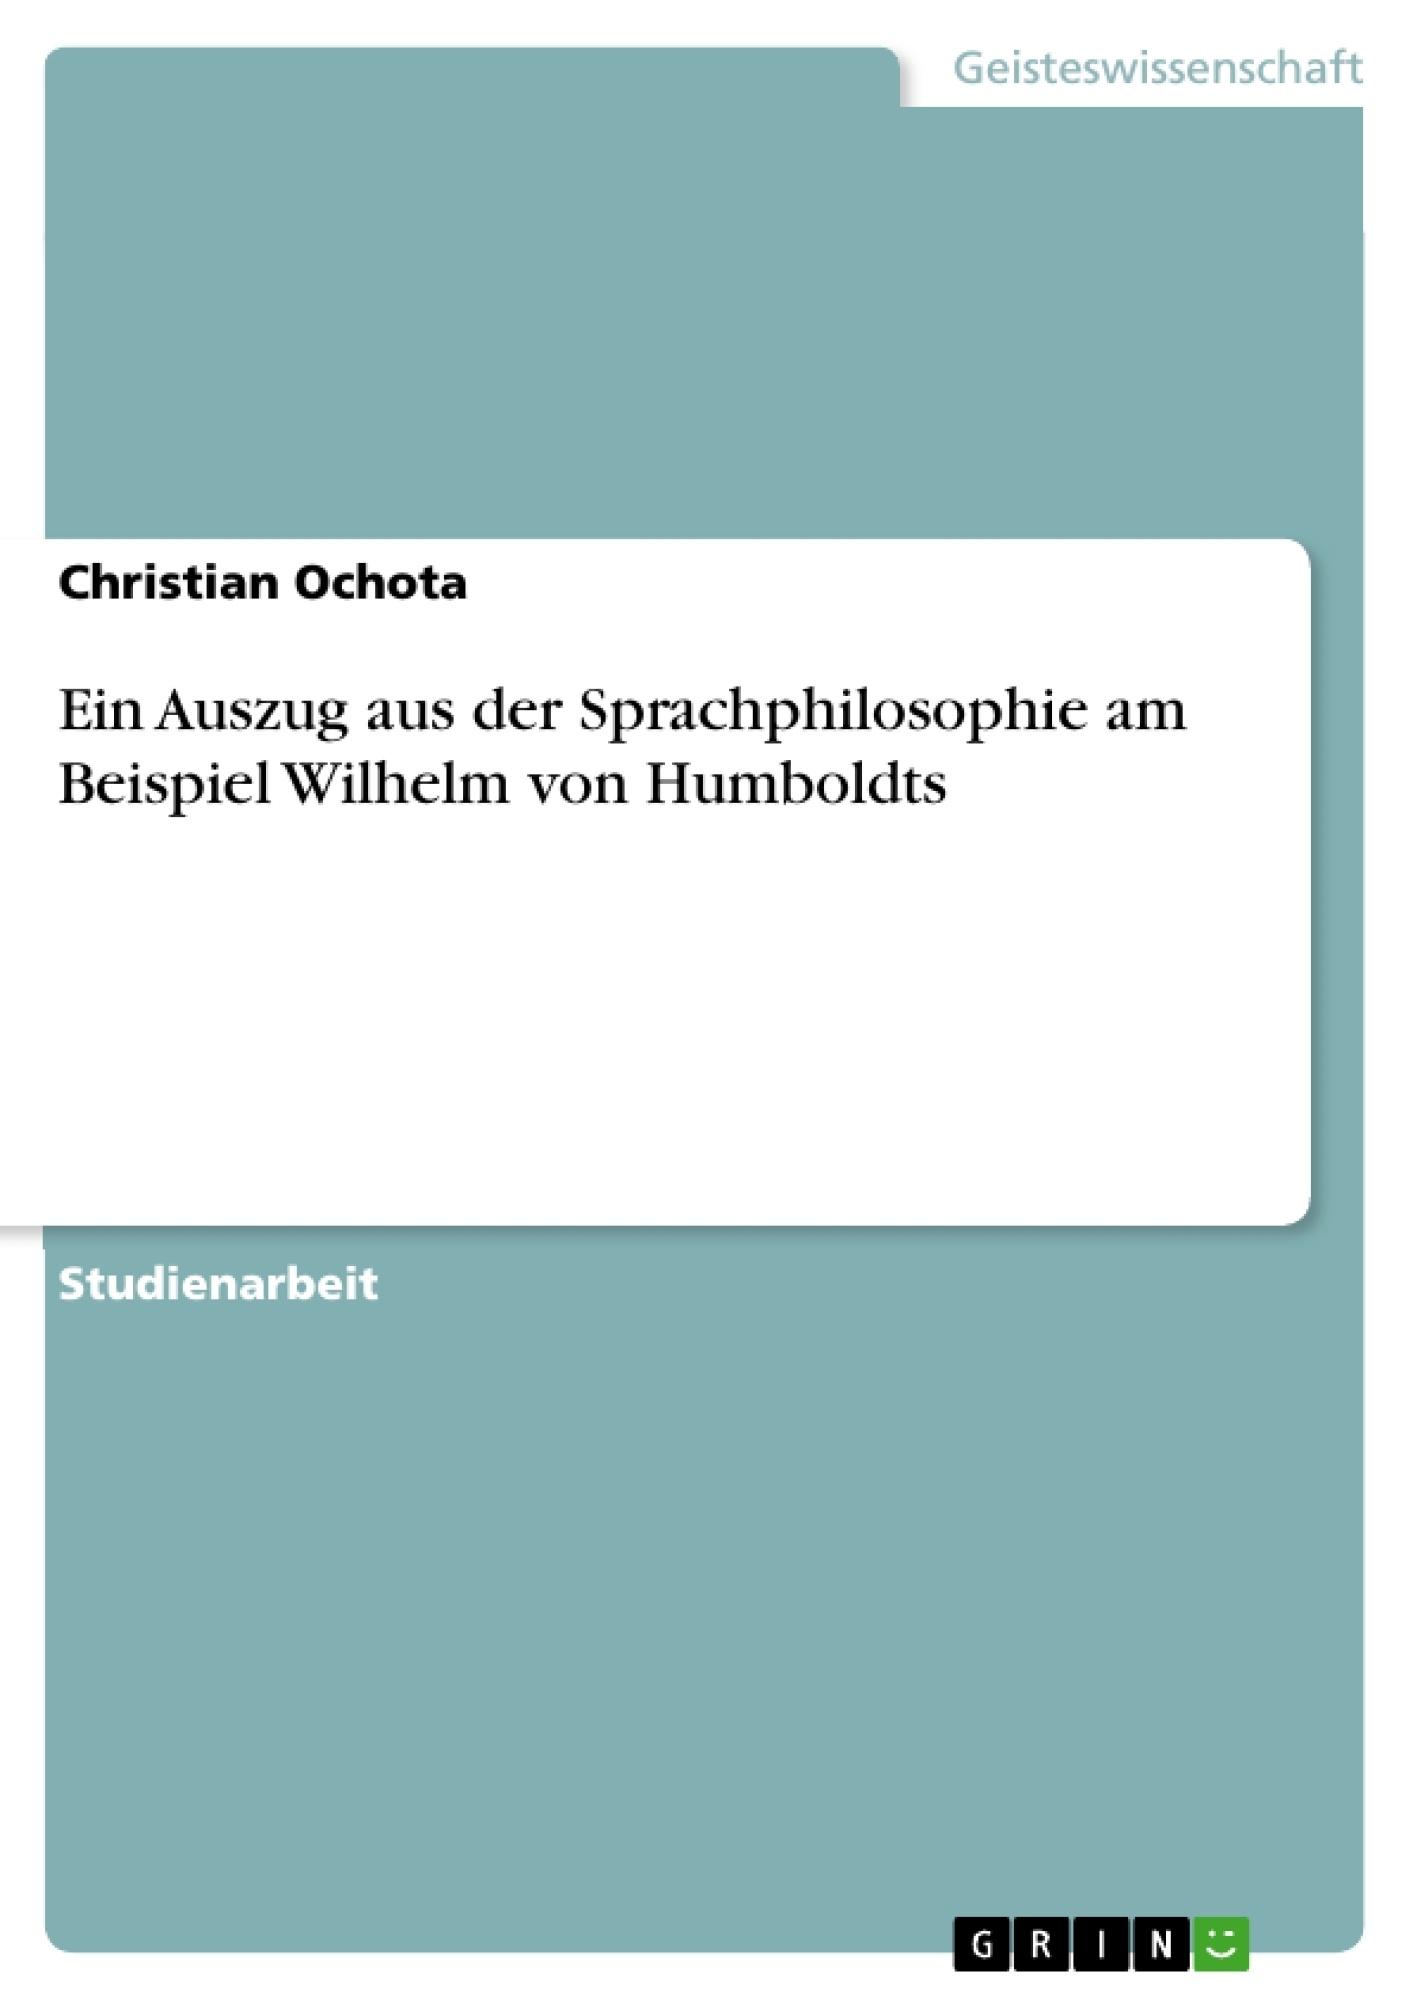 Titel: Ein Auszug aus der Sprachphilosophie am Beispiel Wilhelm von Humboldts